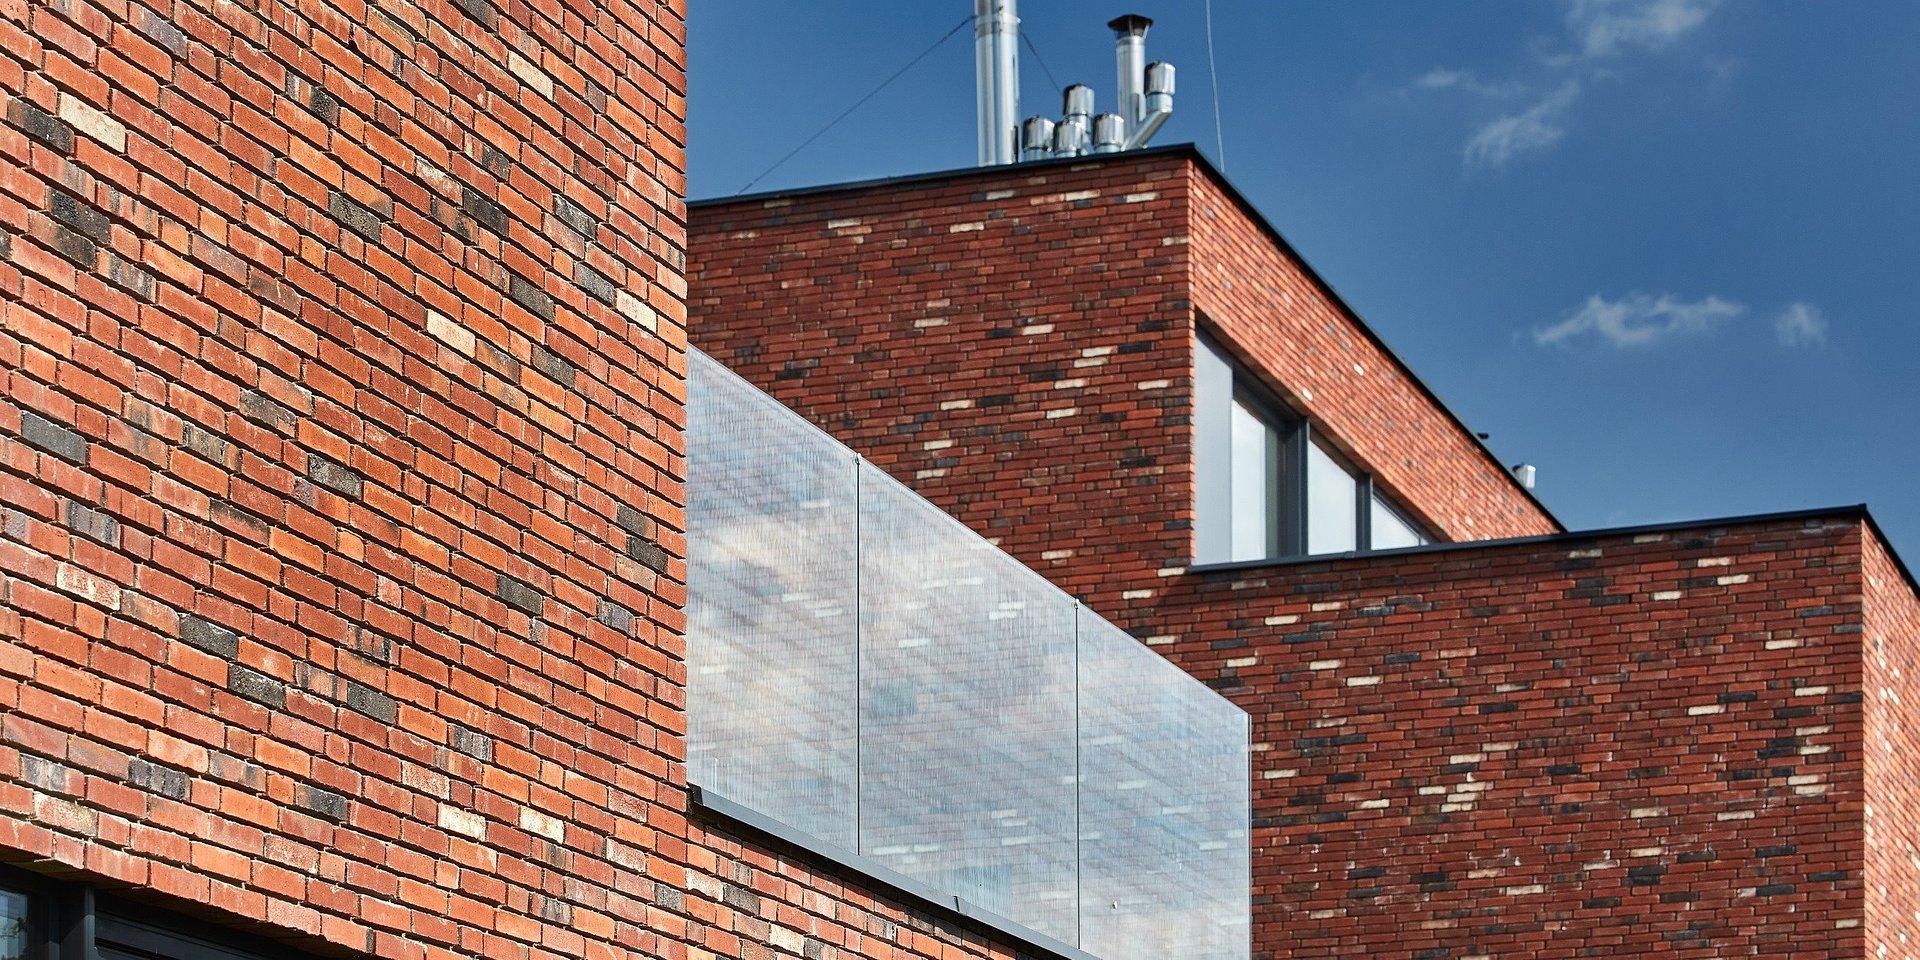 Nowe cegły elewacyjne Wienerberger – z myślą o poszukujących oryginalnego stylu